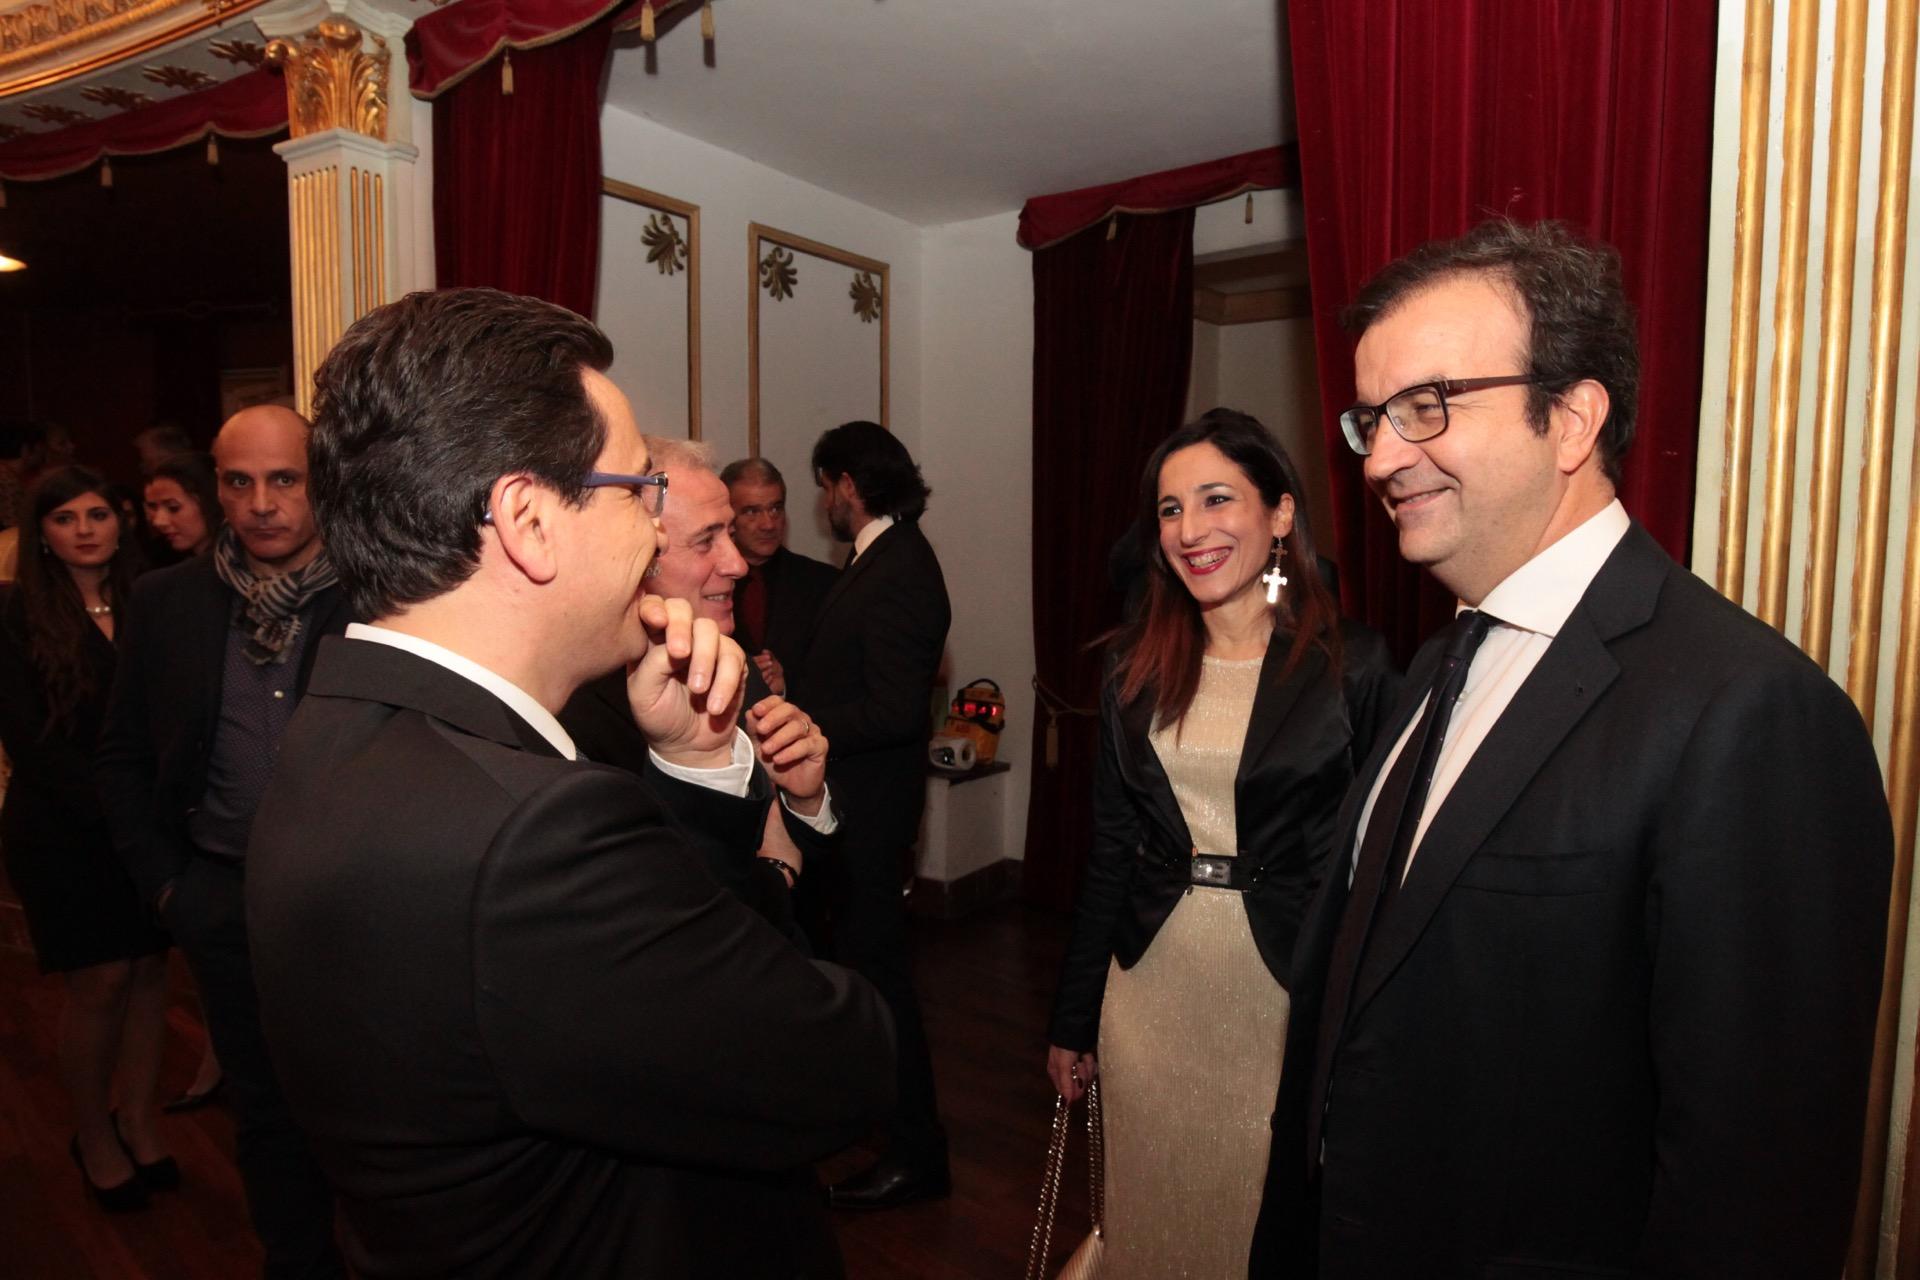 il sindaco occhiuto con il direttore artistico parisi